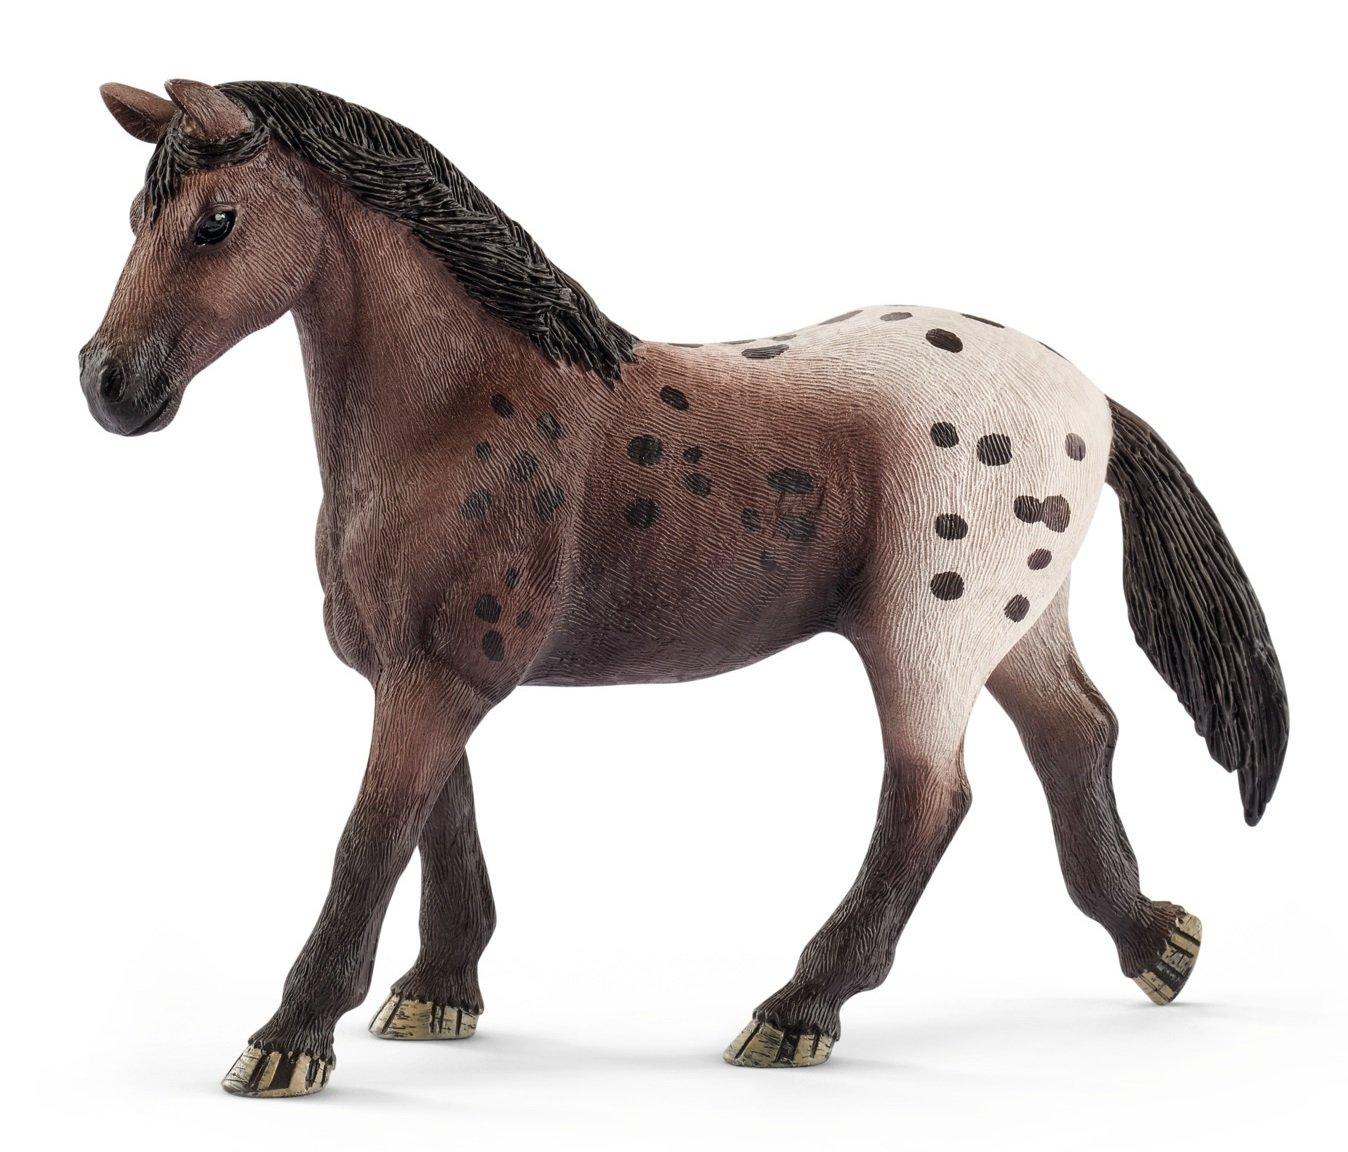 Schleich Appaloosa Mare Toy Figurine 13861